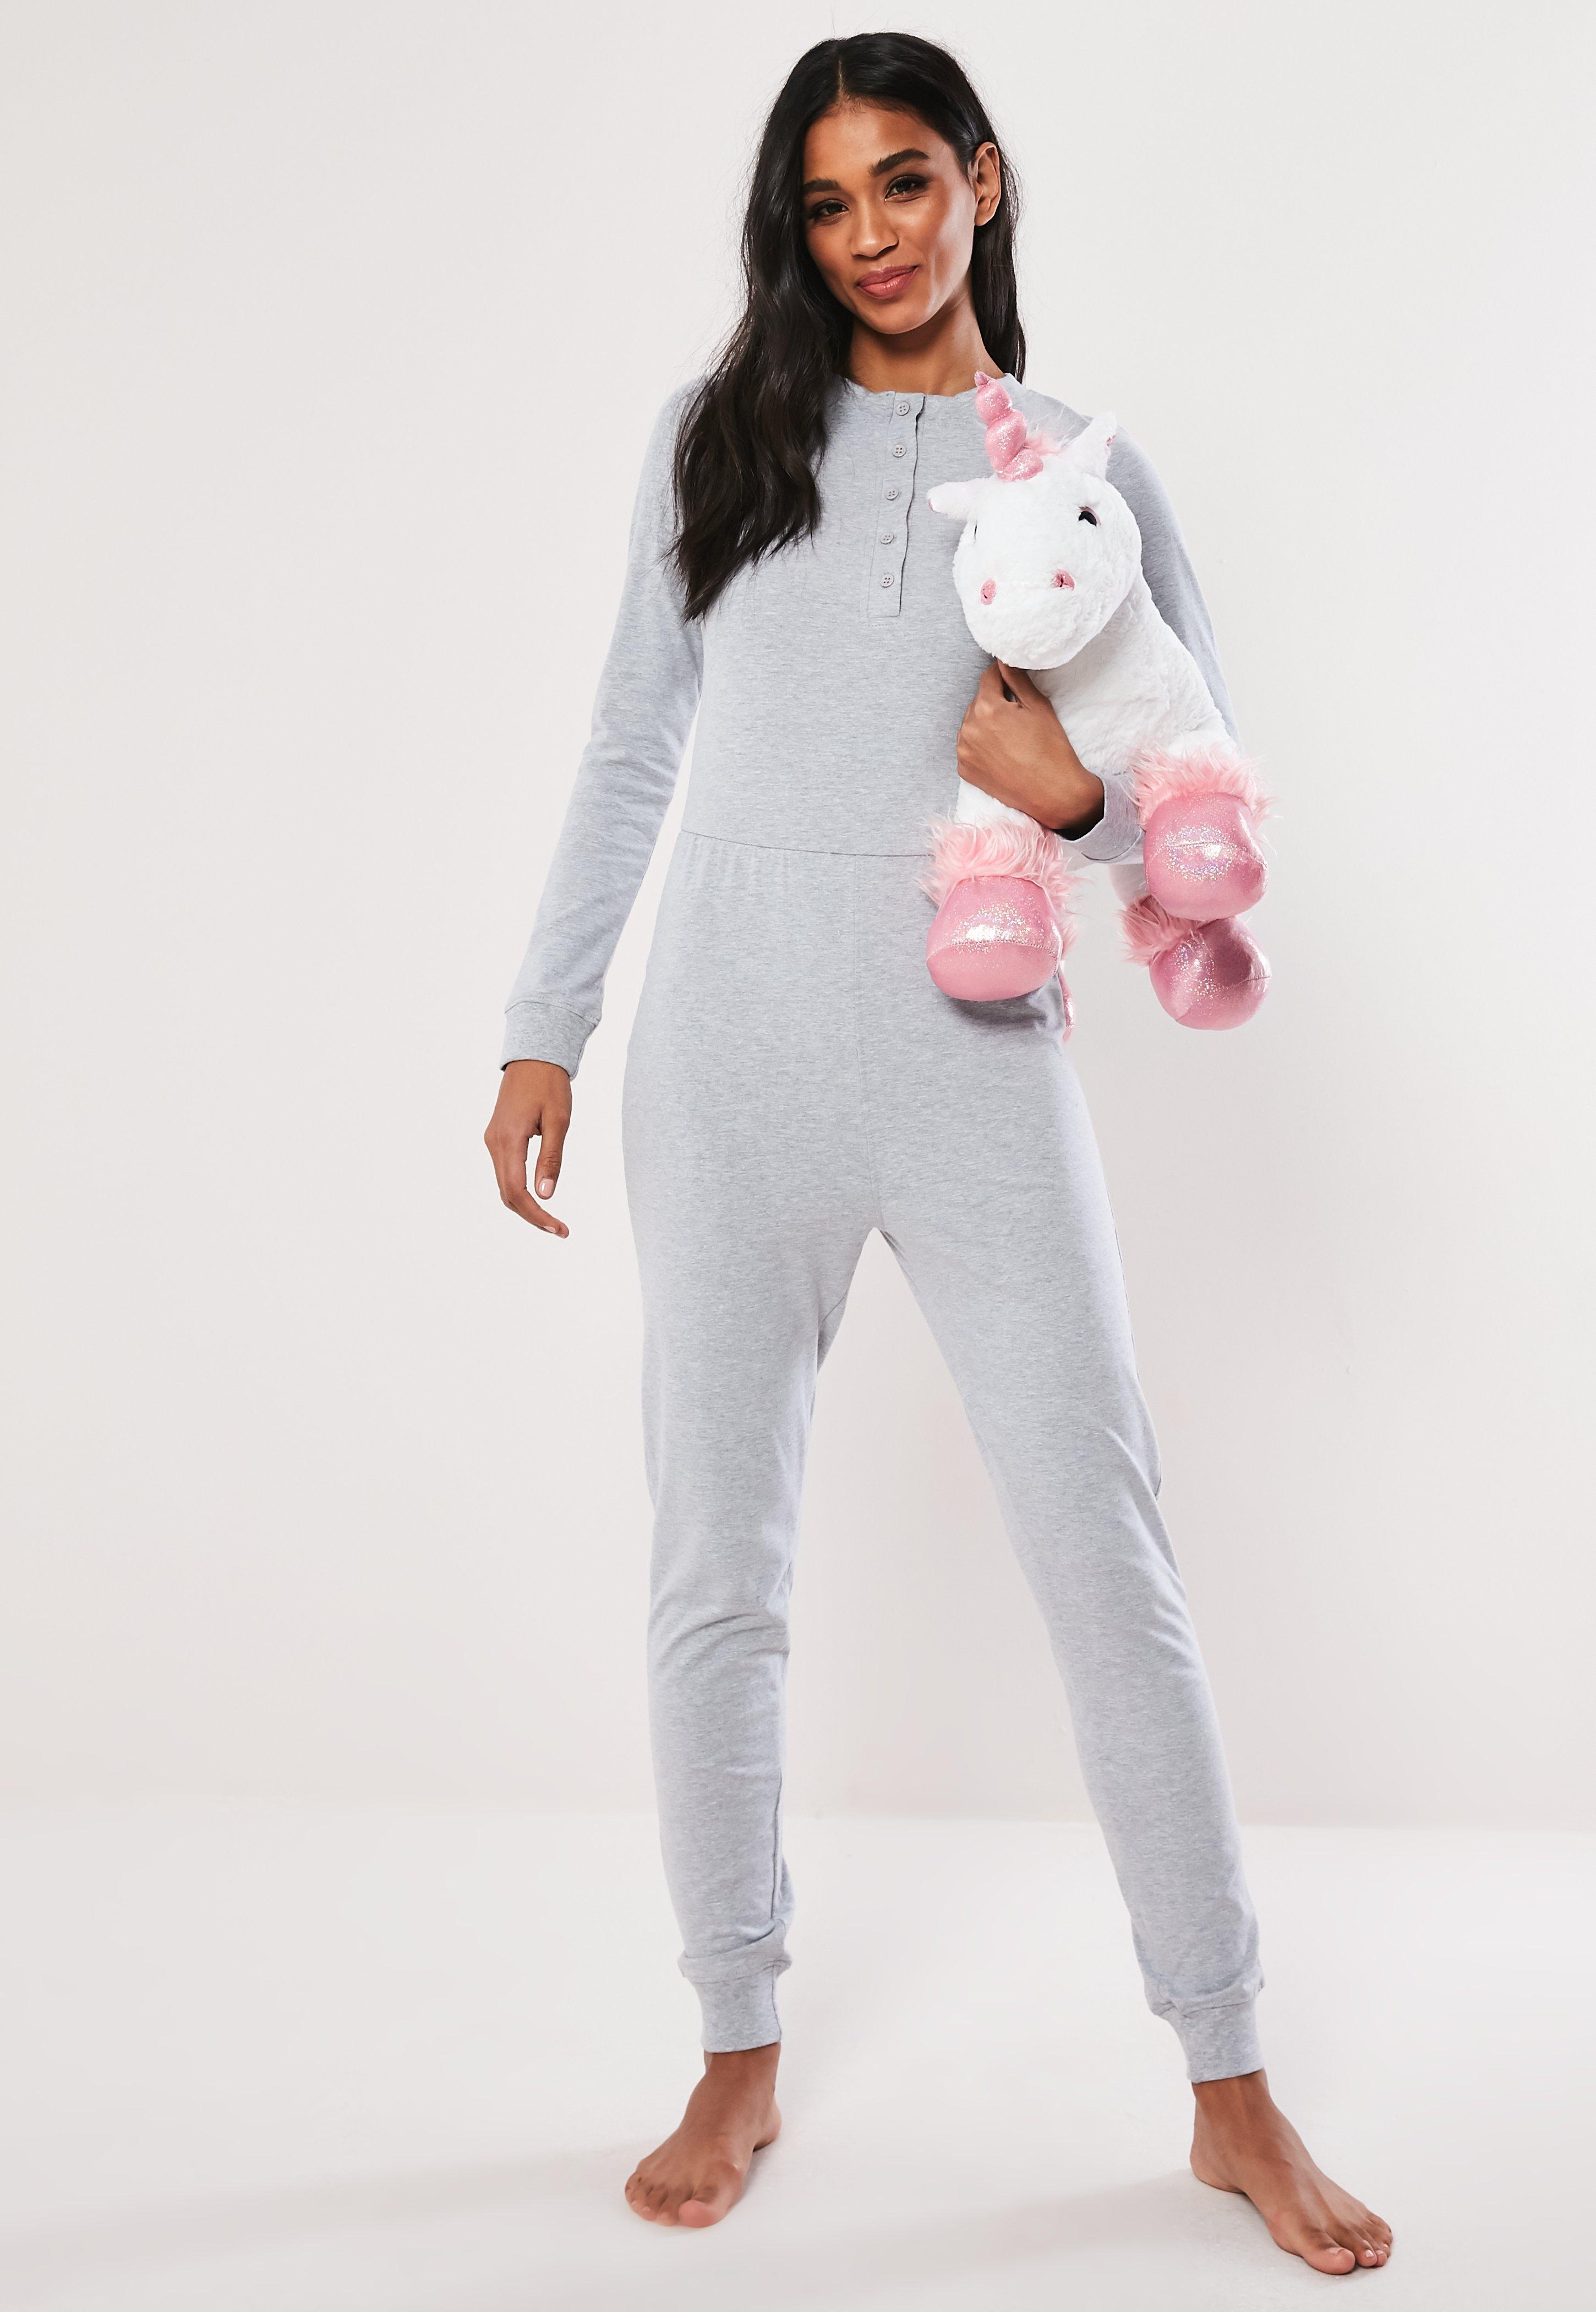 e4cdf8c82cd7 Women s Pyjamas